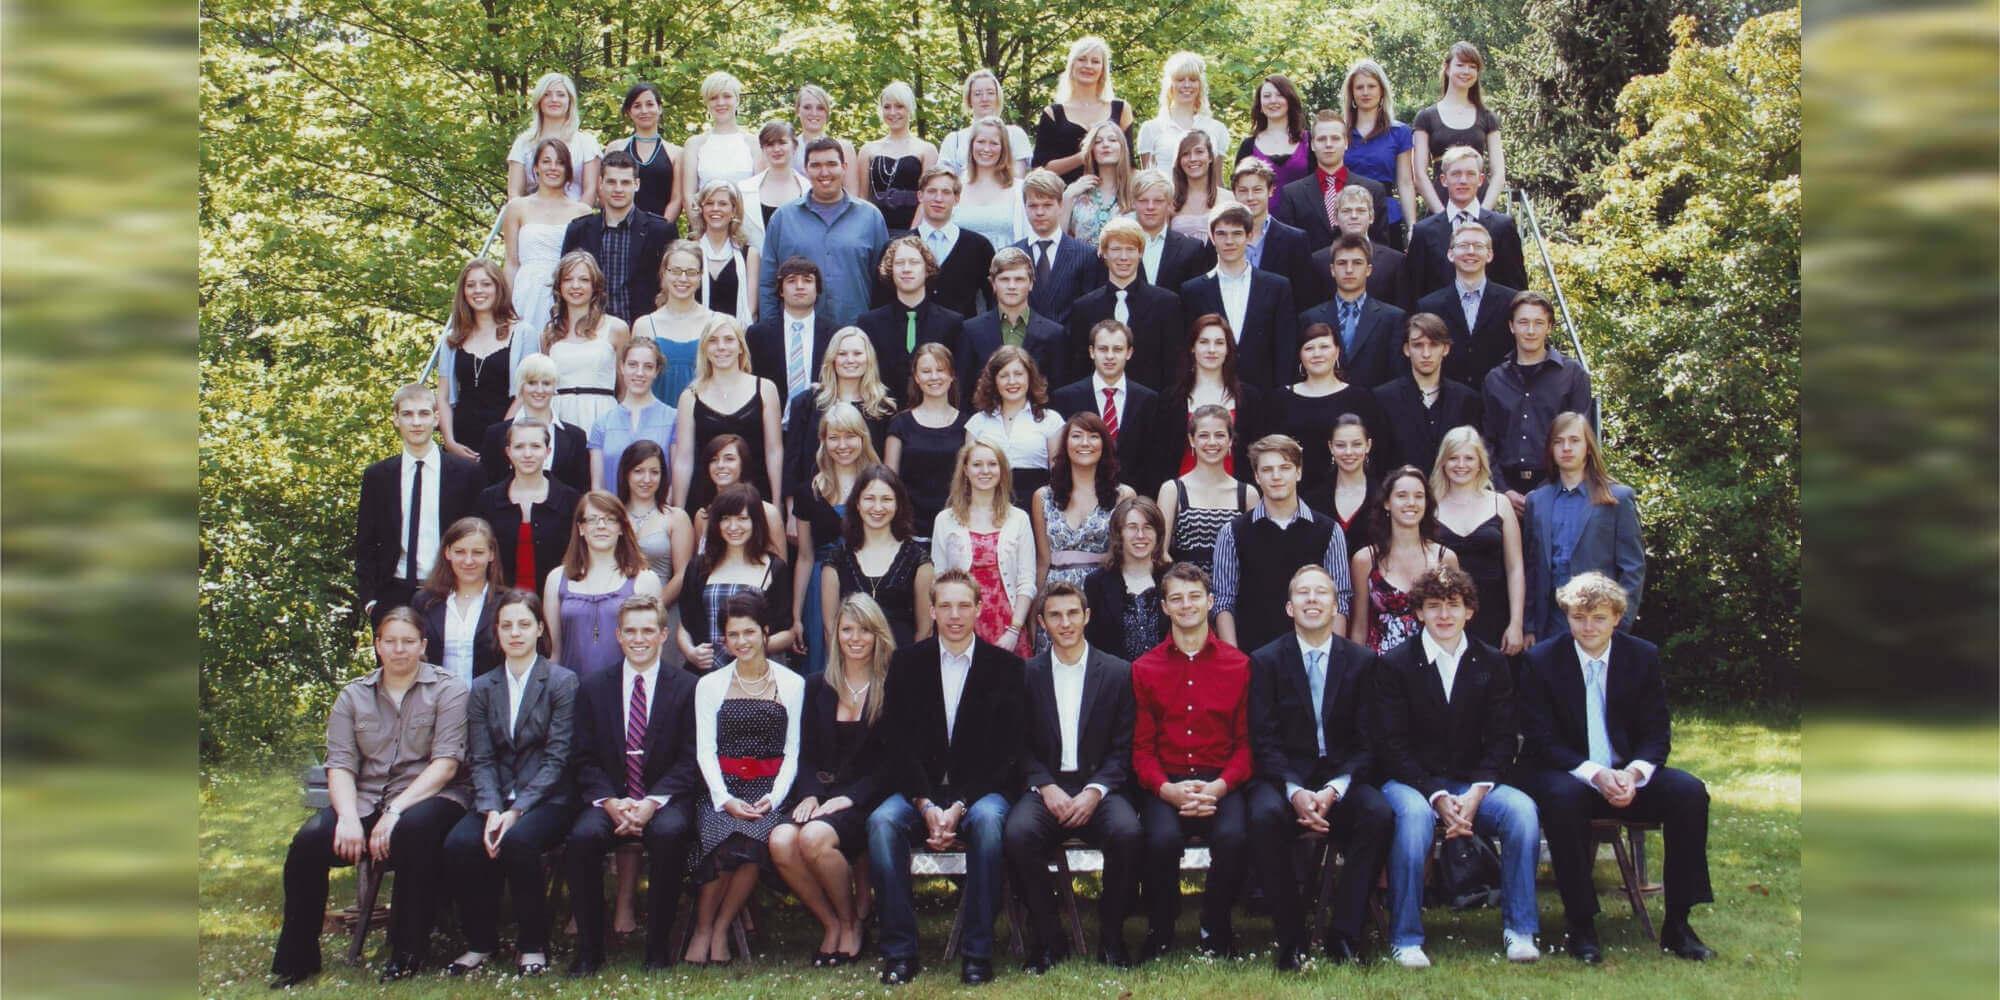 Abitur 2009 Jahrgangsbild - Banner